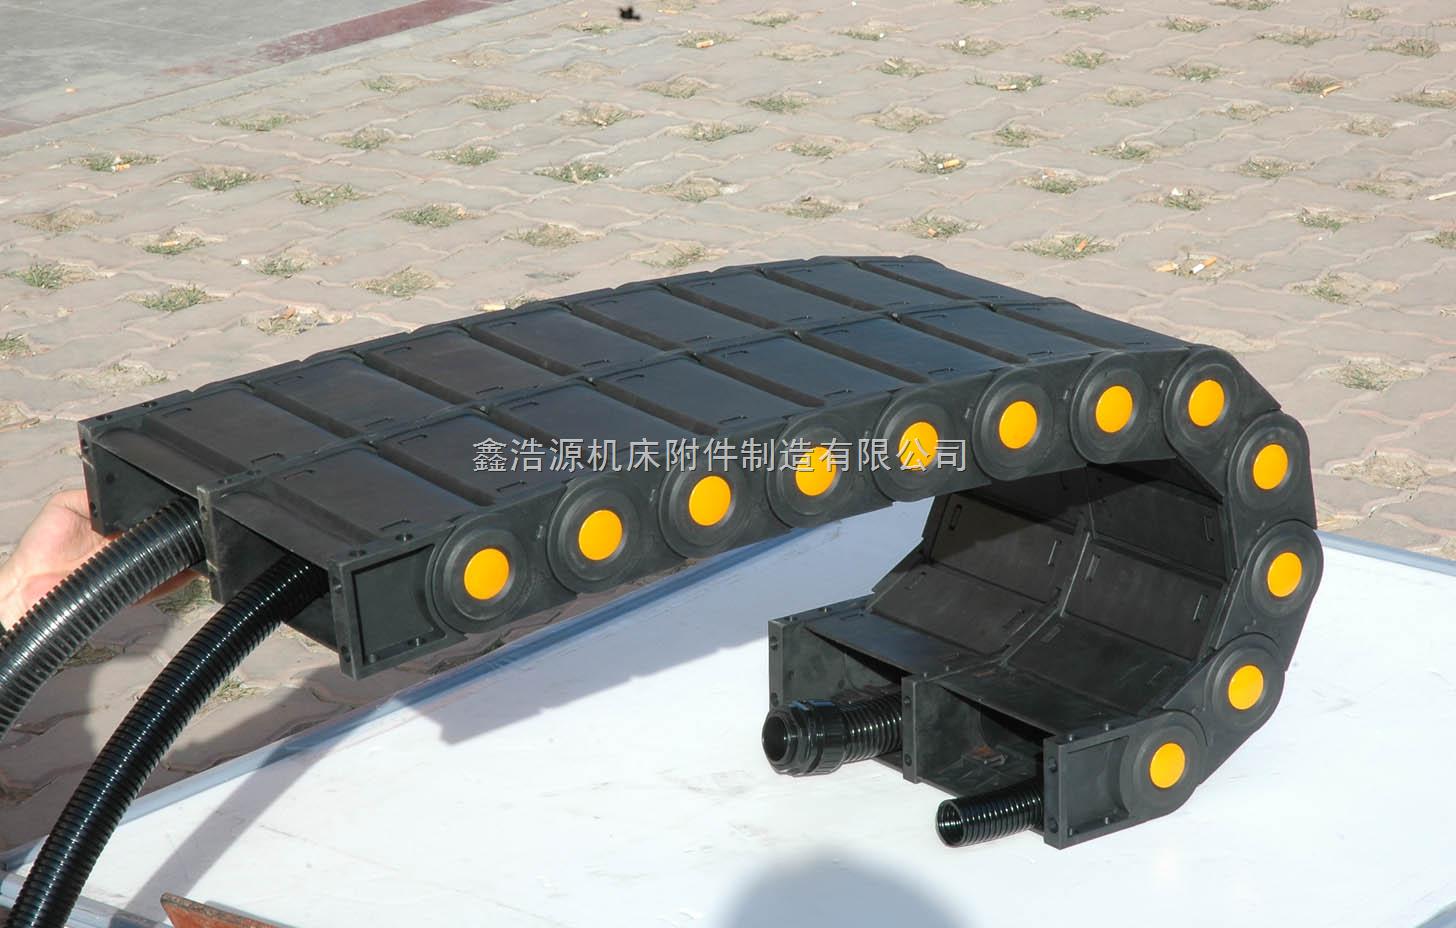 北京塑料拖链,穿线塑料拖链,塑料拖链厂家